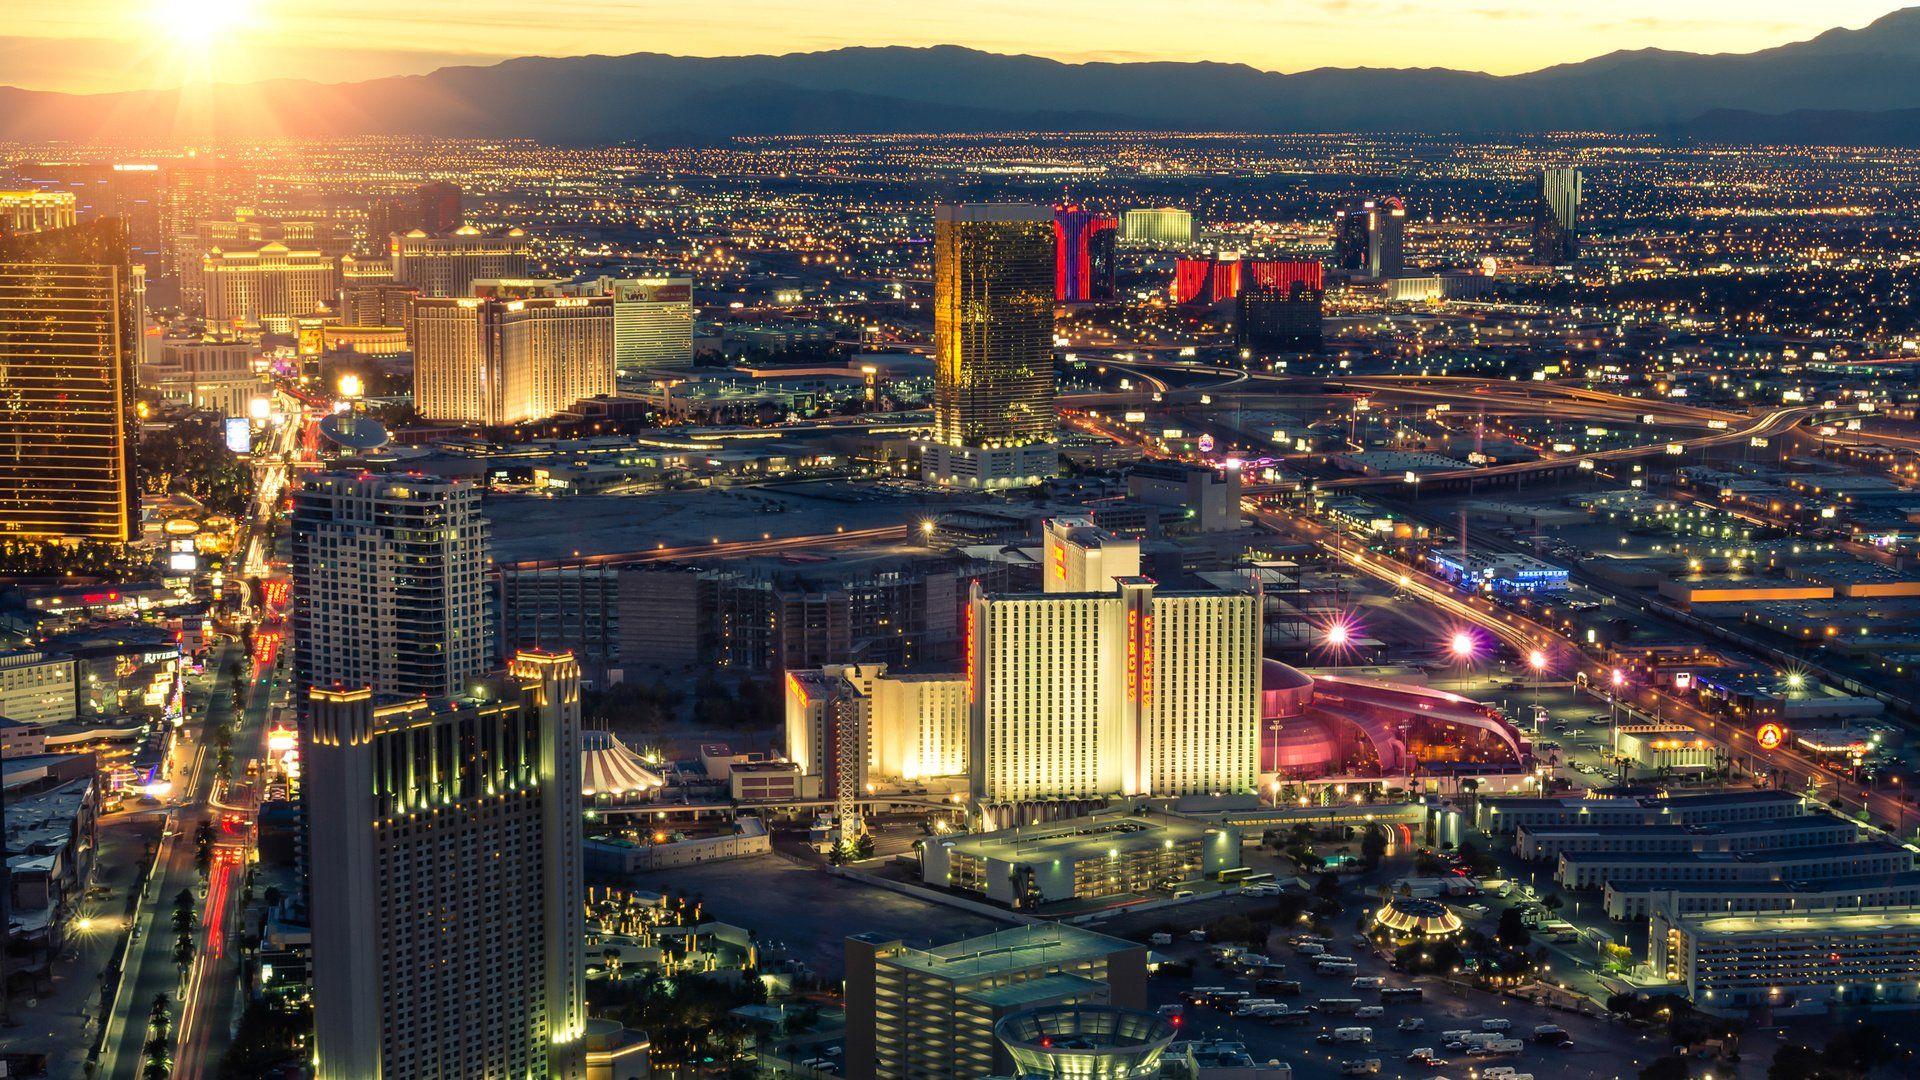 Vegas Wallpaper Image